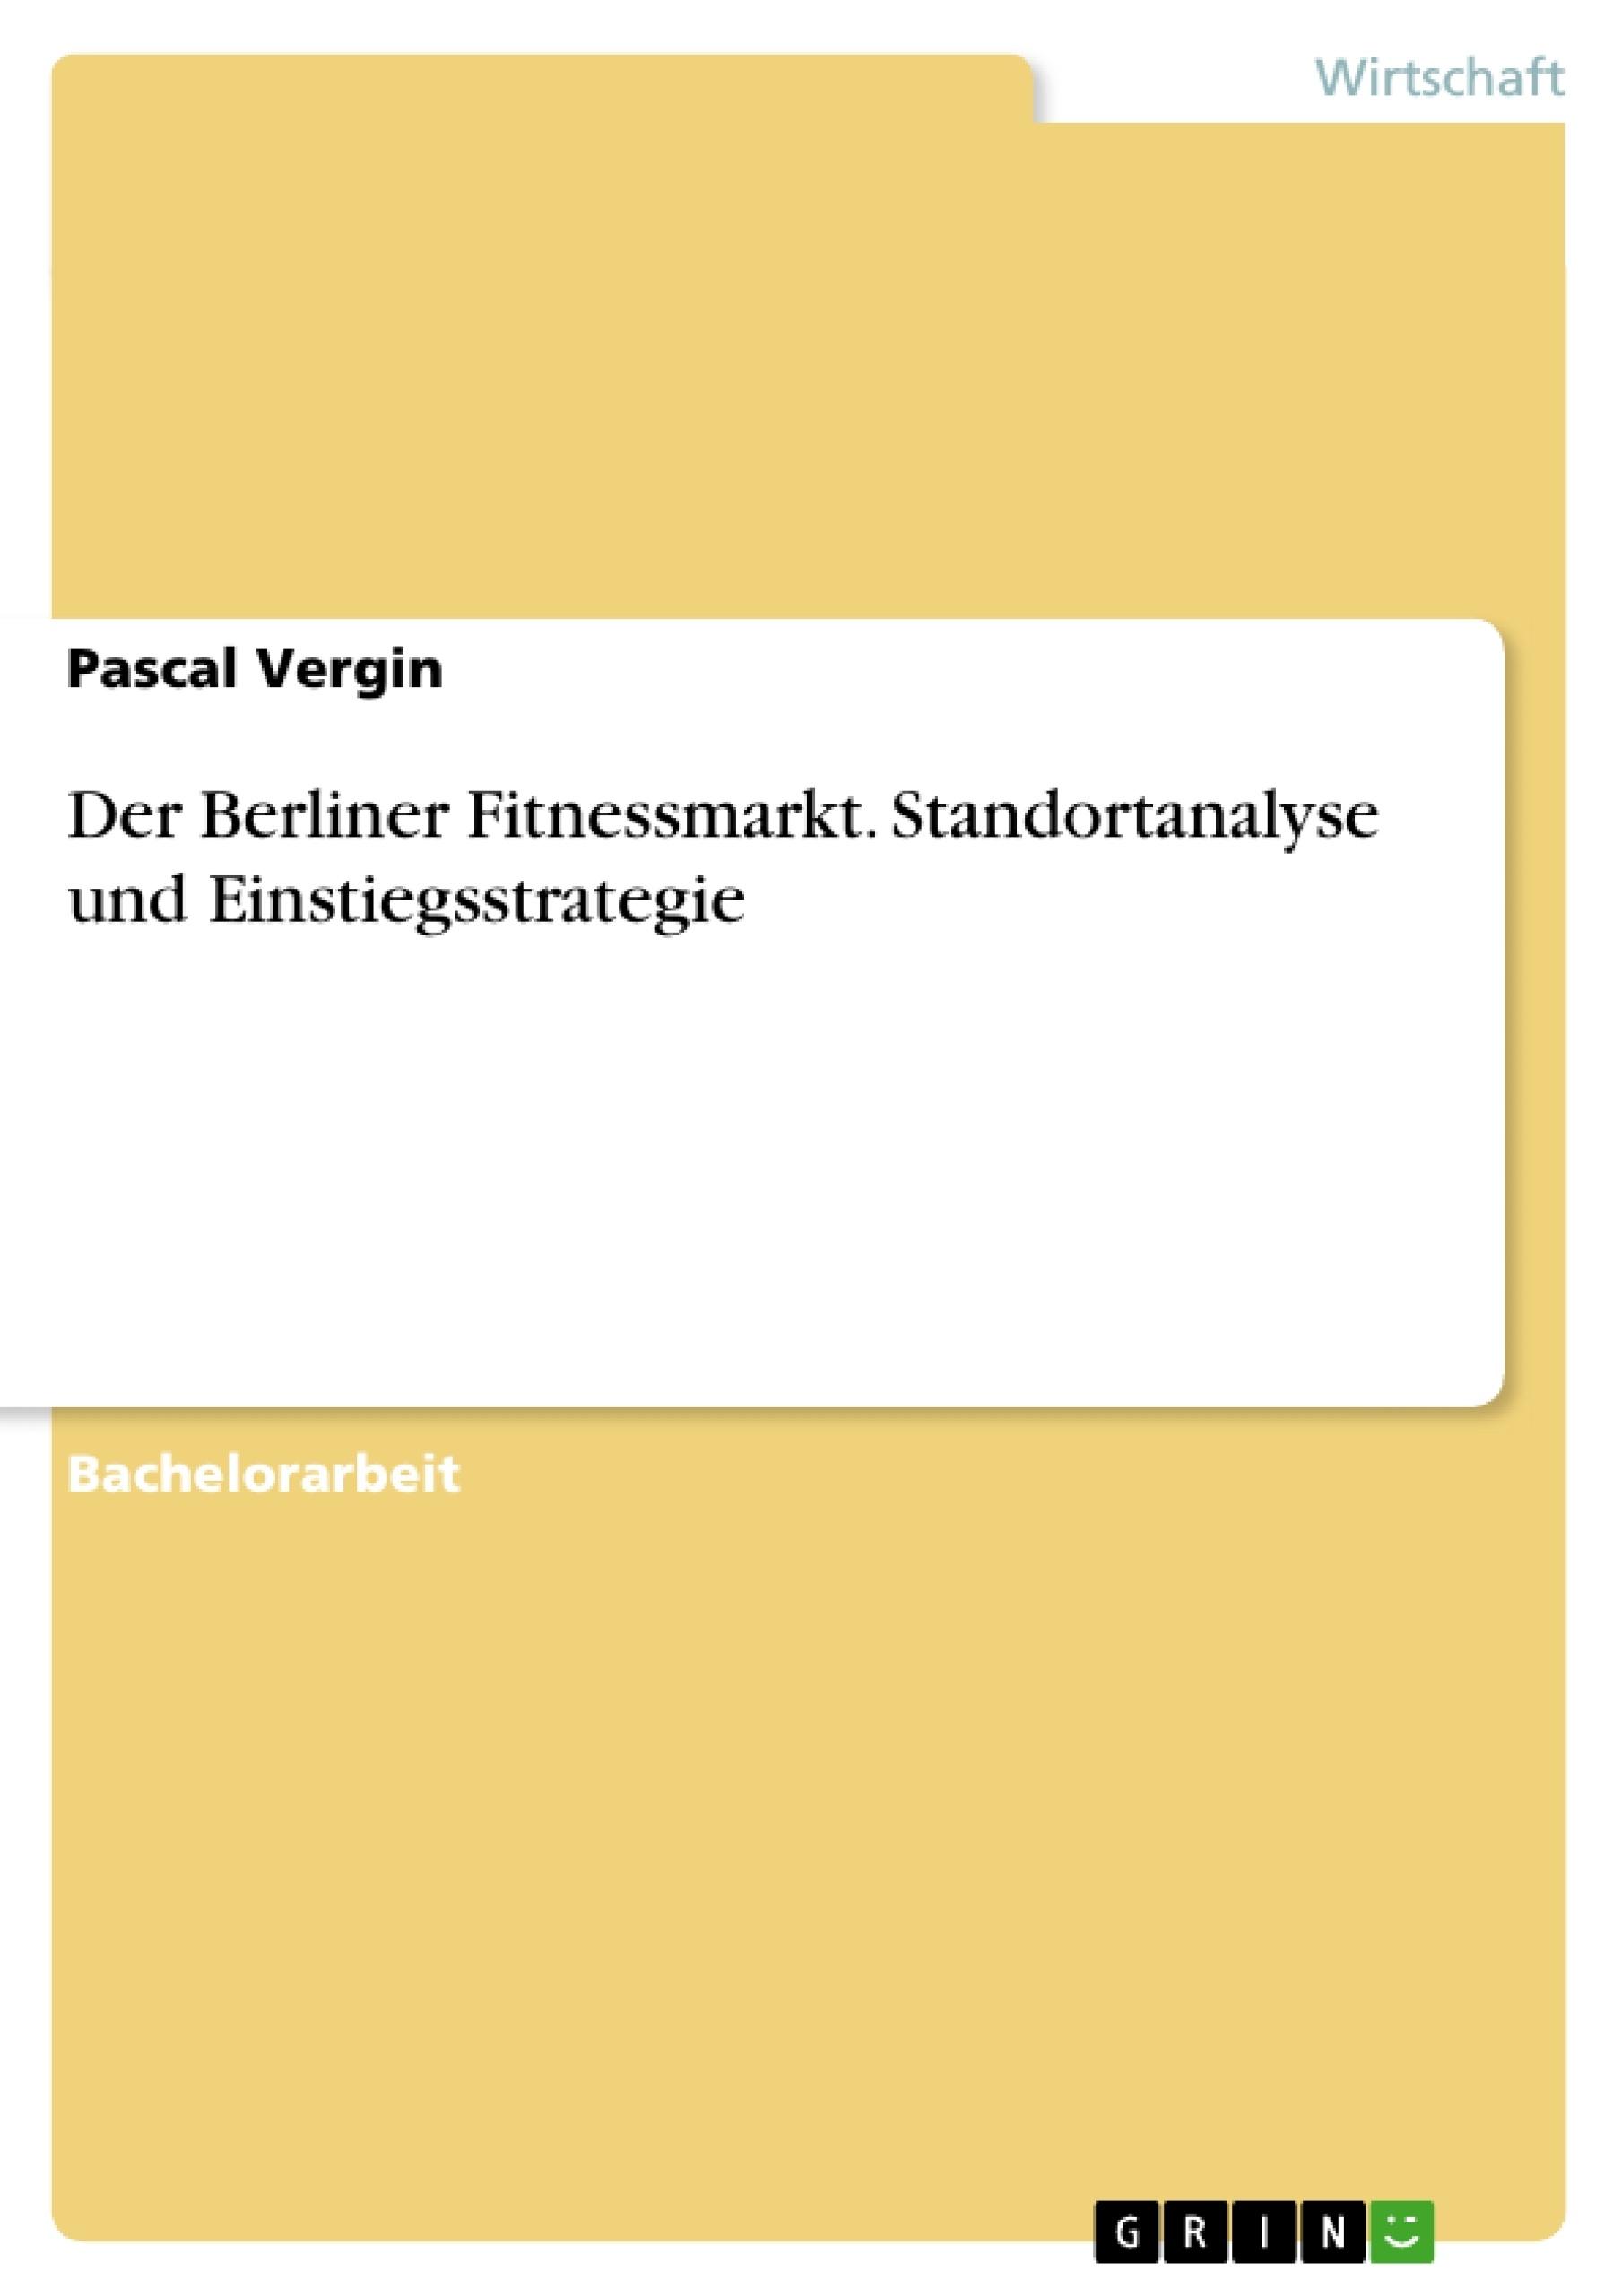 Titel: Der Berliner Fitnessmarkt. Standortanalyse und Einstiegsstrategie